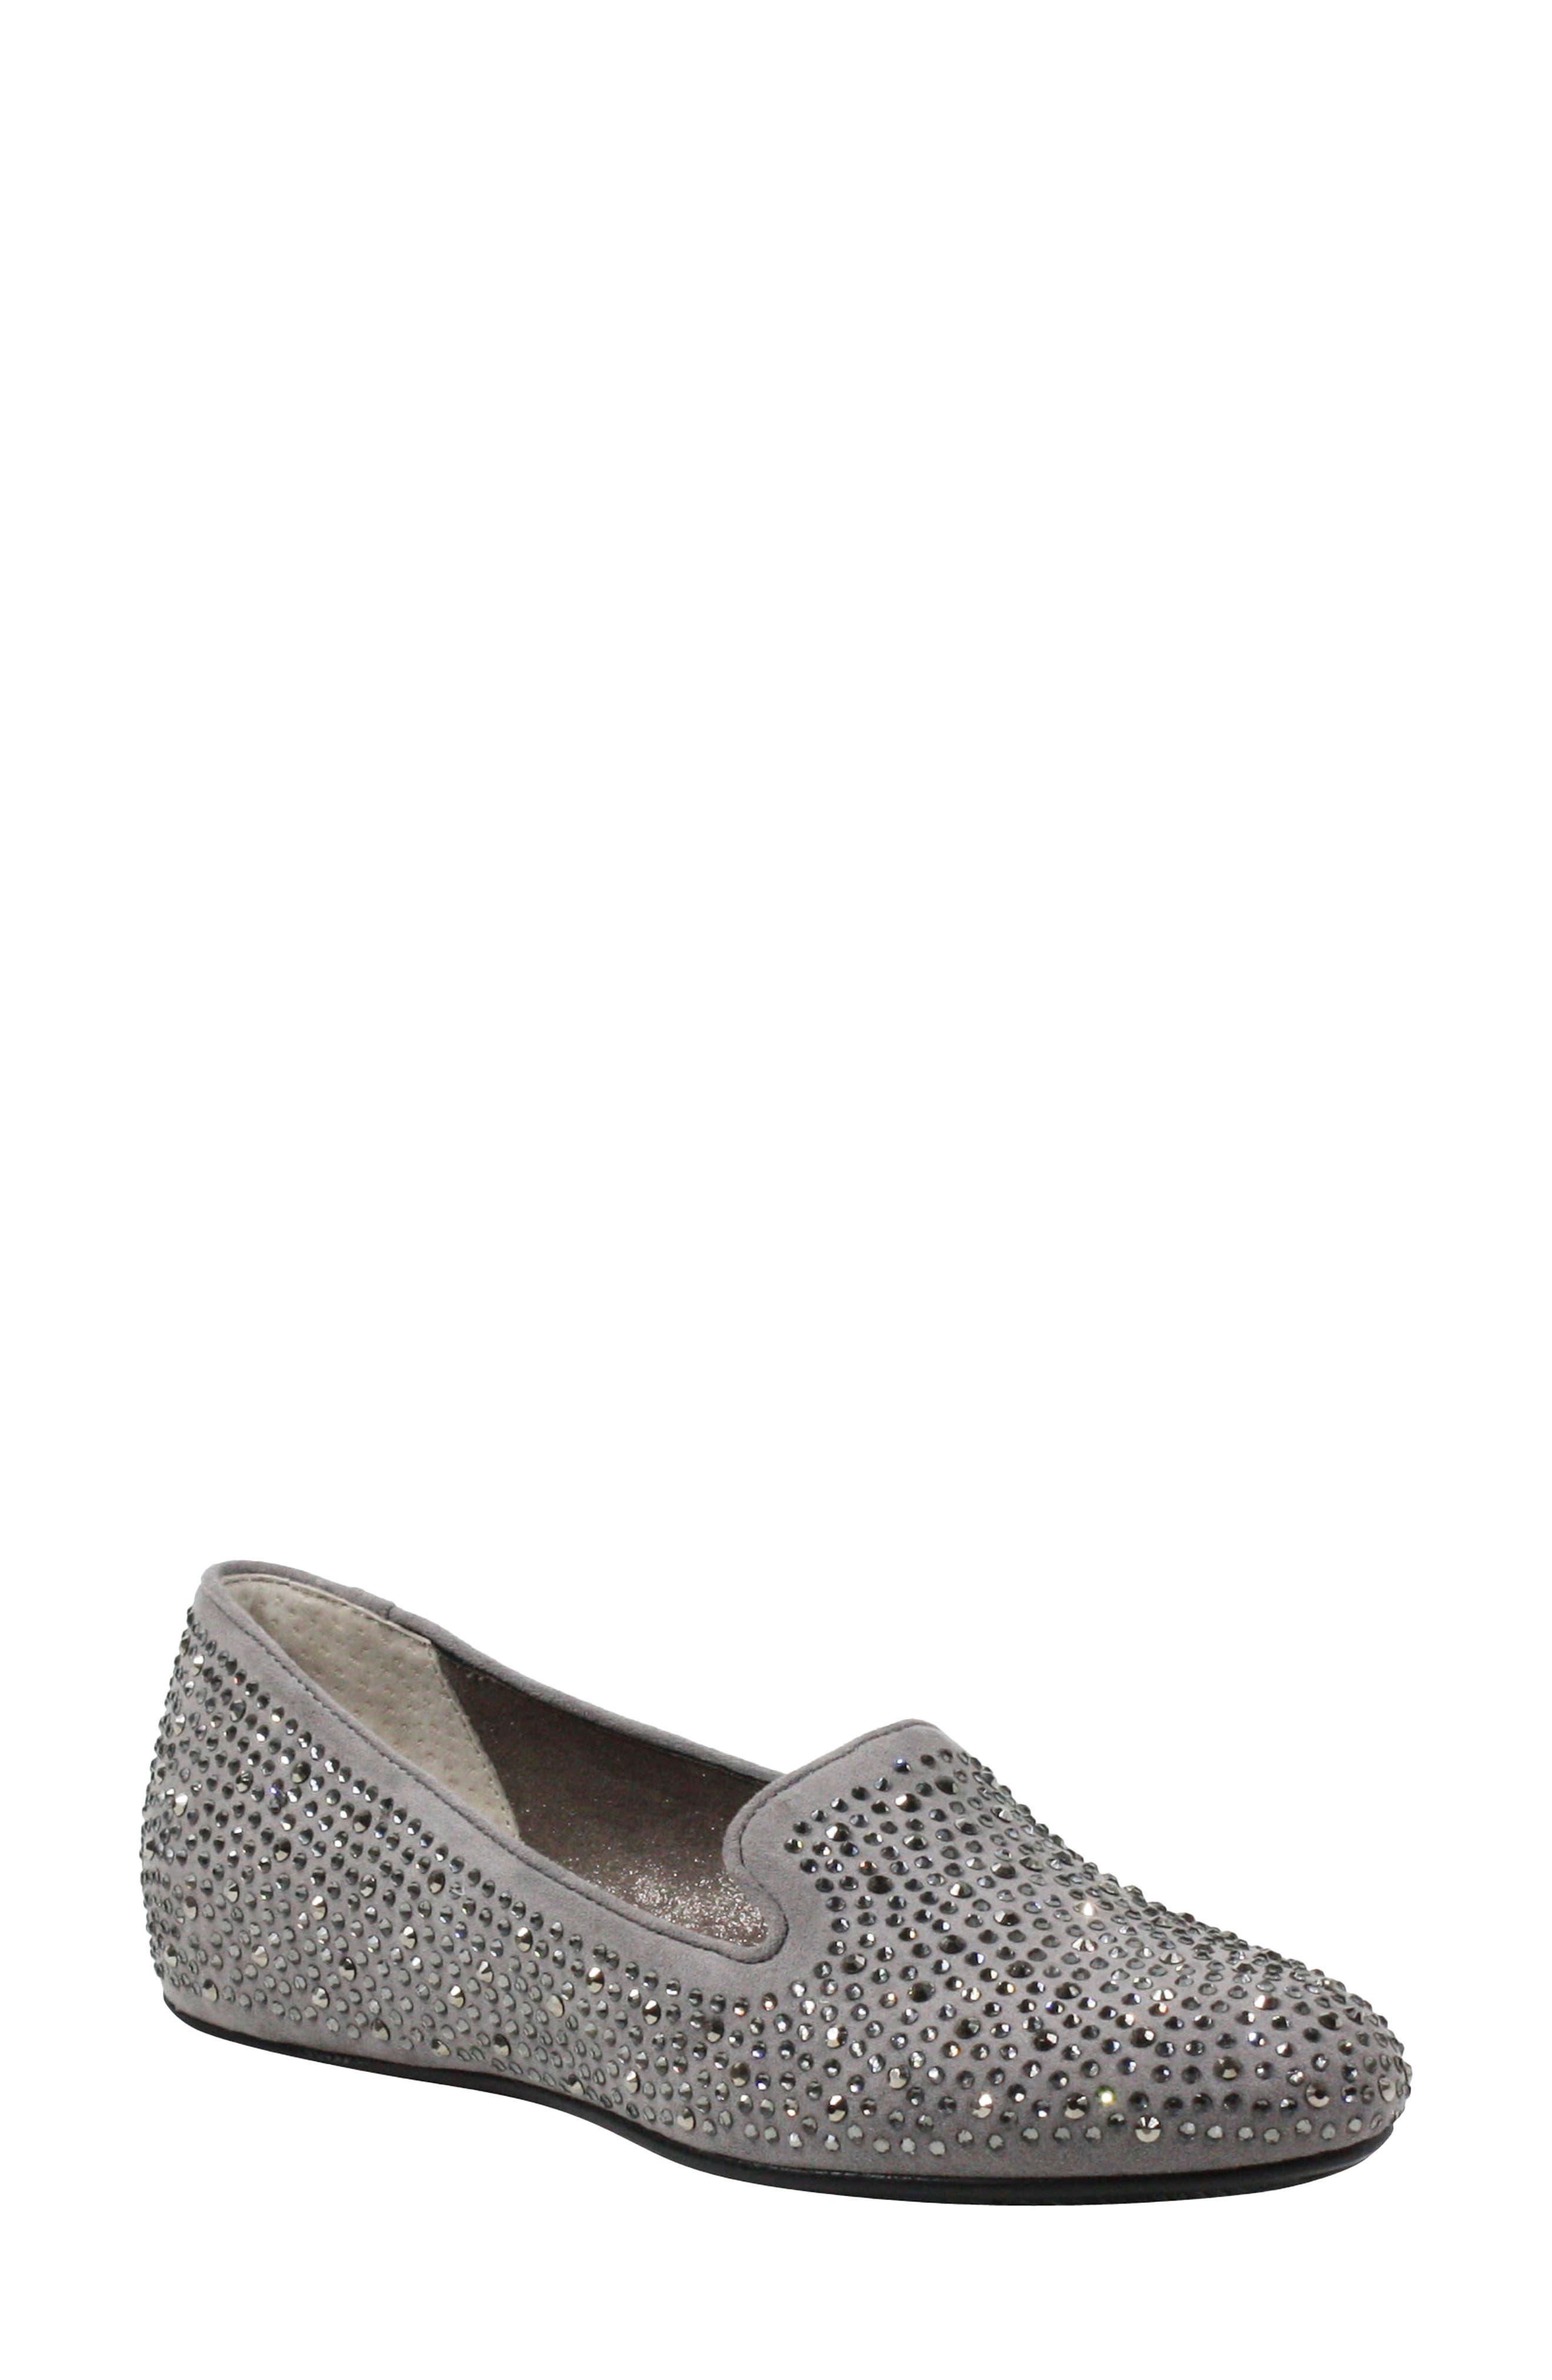 Hanuko Crystal Embellished Loafer Flat